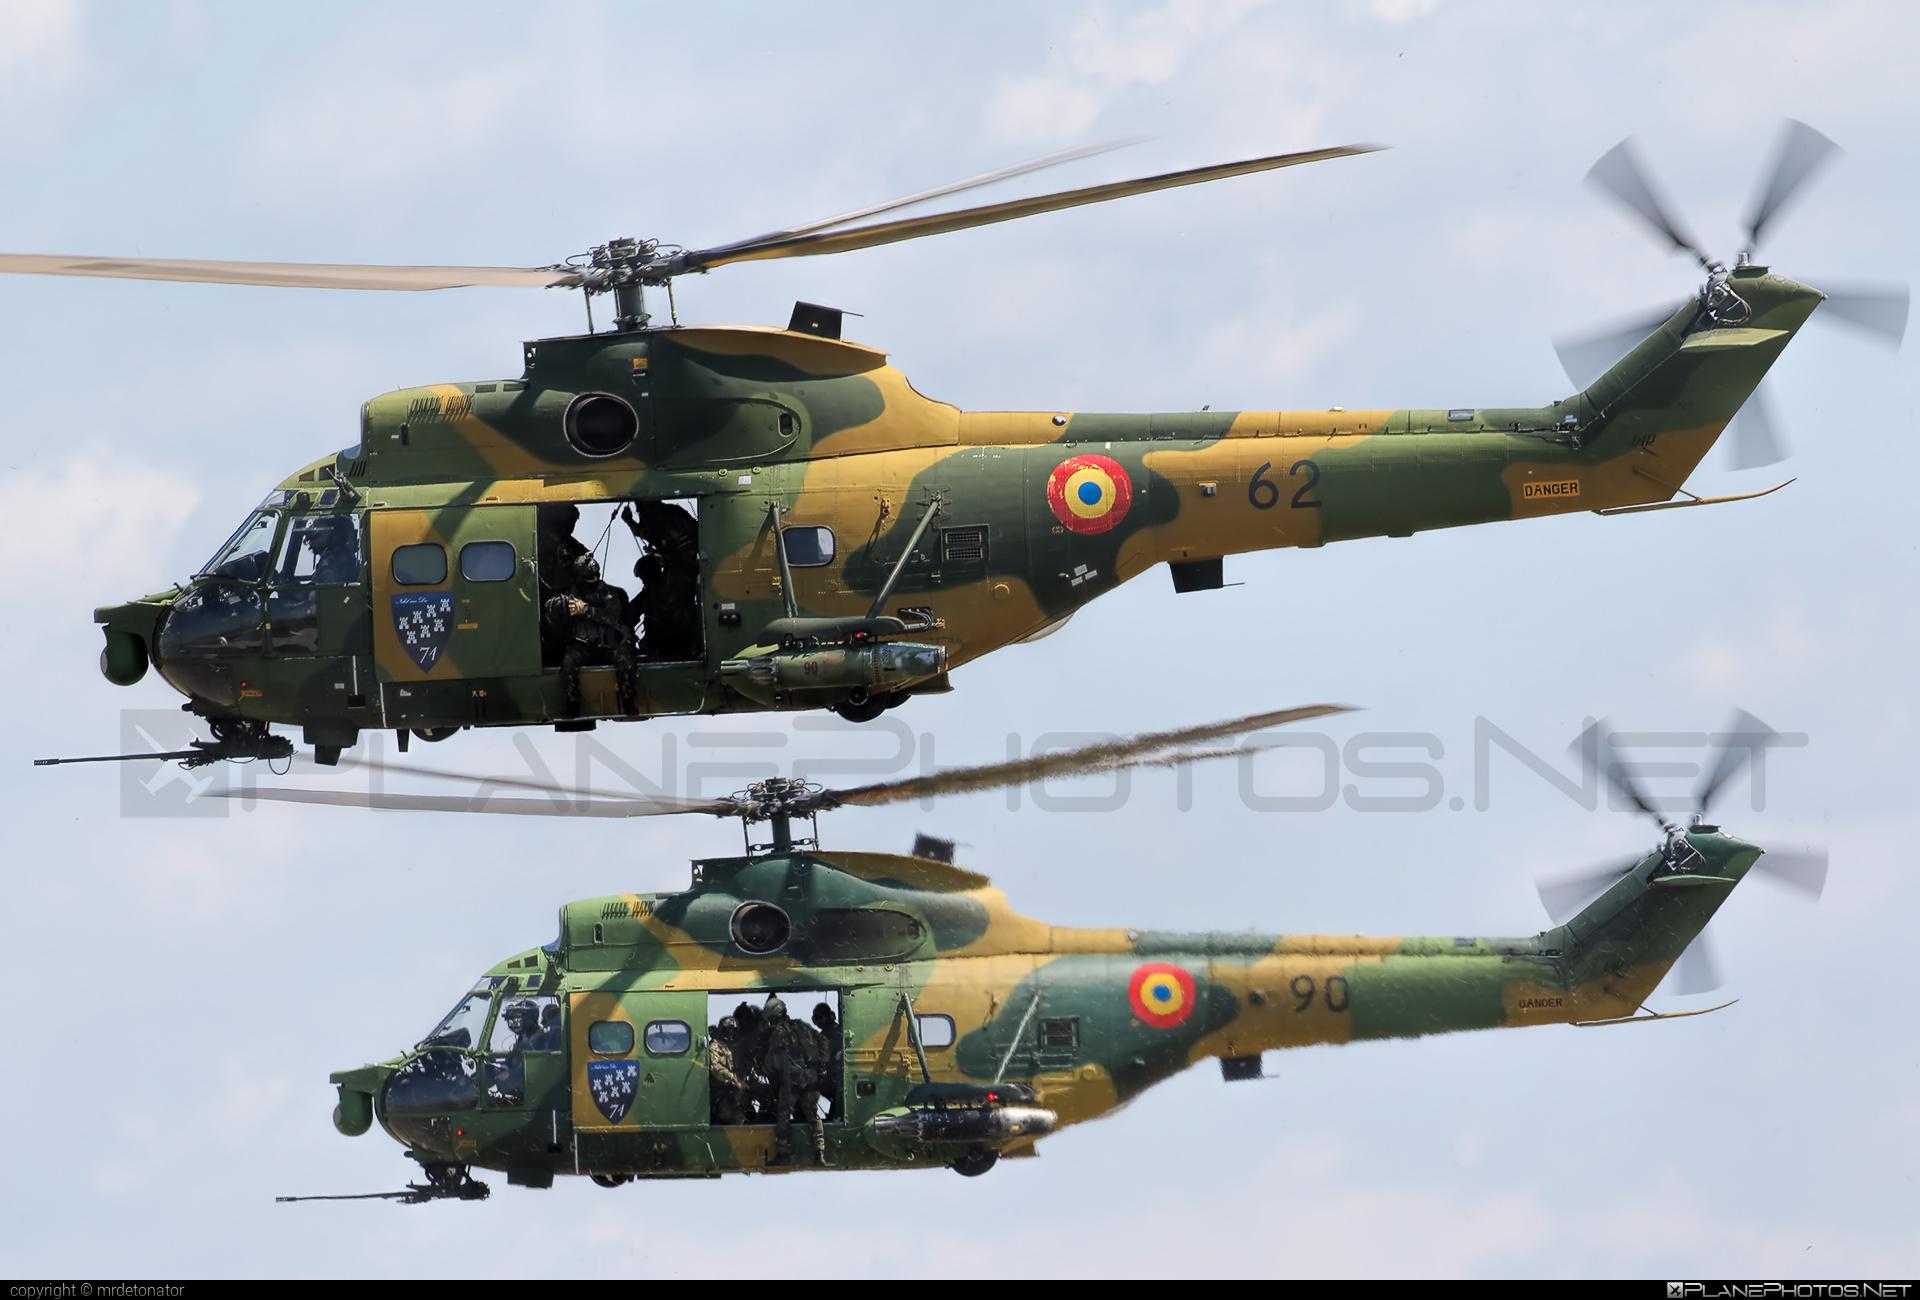 IAR IAR-330L Puma SOCAT - 62 operated by Forţele Aeriene Române (Romanian Air Force) #forteleaerieneromane #romanianairforce